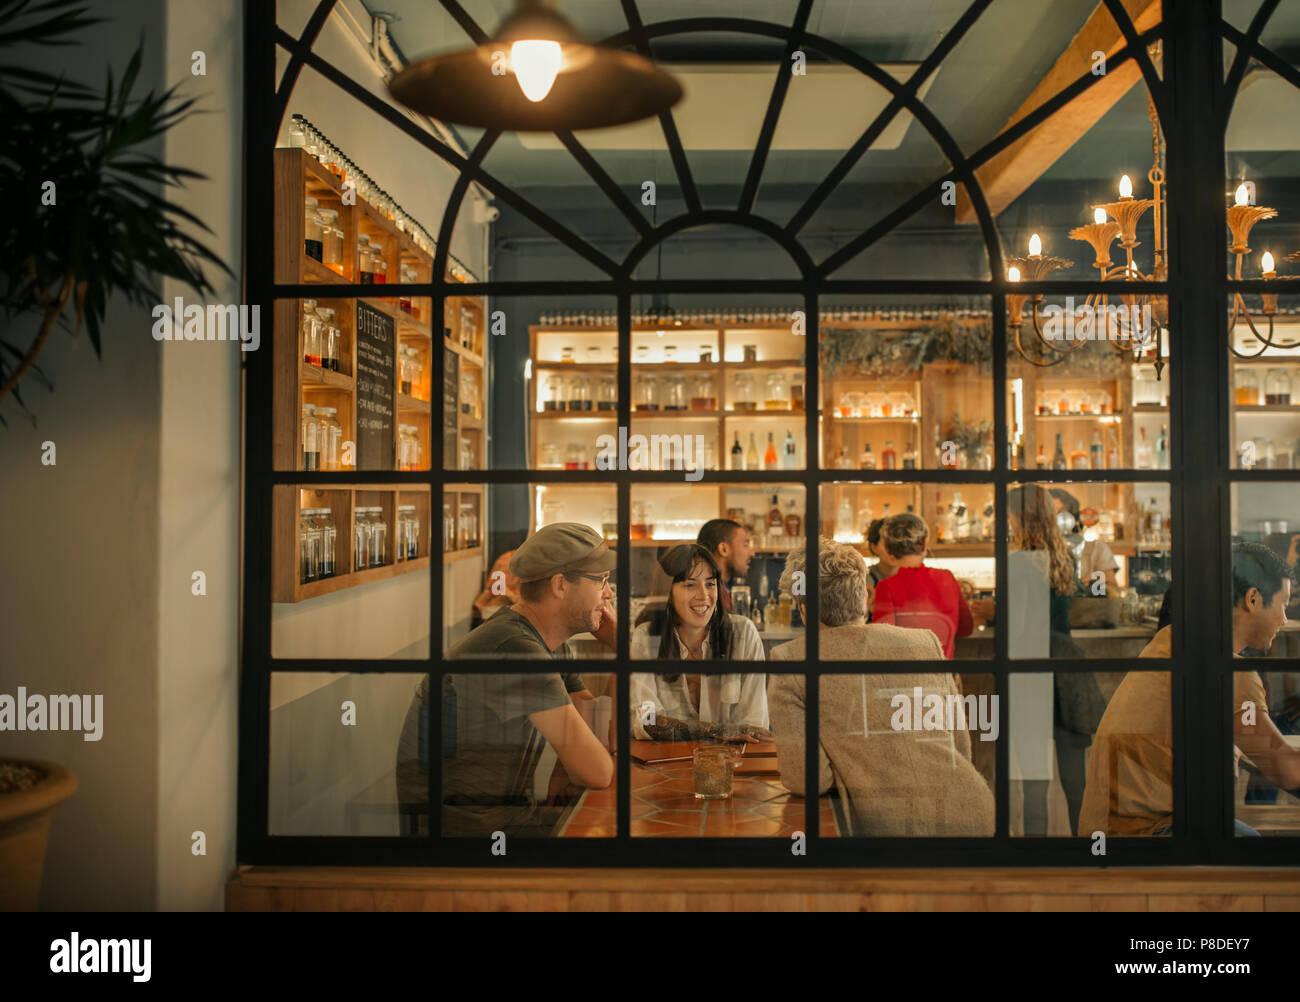 Lächelnden jungen Freunde, die zusammen in eine trendige Bar sitzen Stockbild